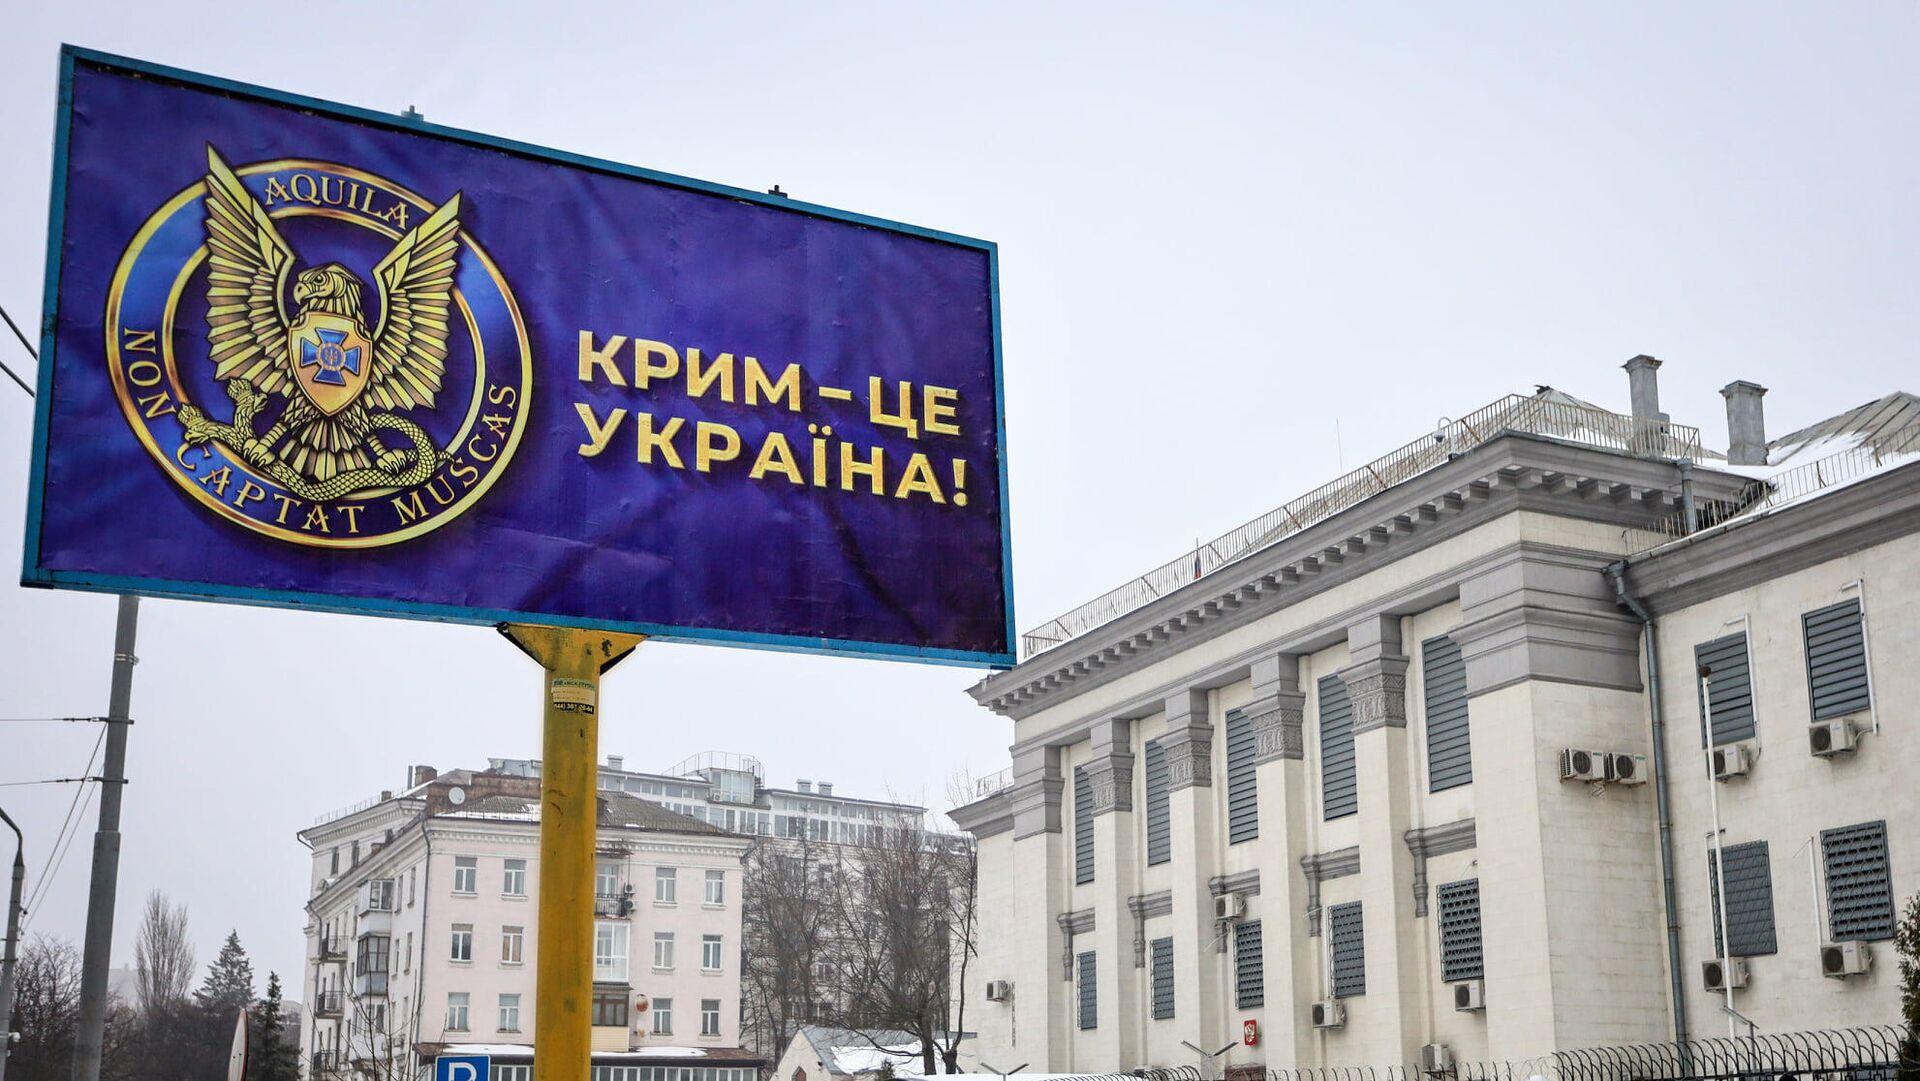 Баннер с надписью Крым - это Украина - РИА Новости, 1920, 17.03.2021